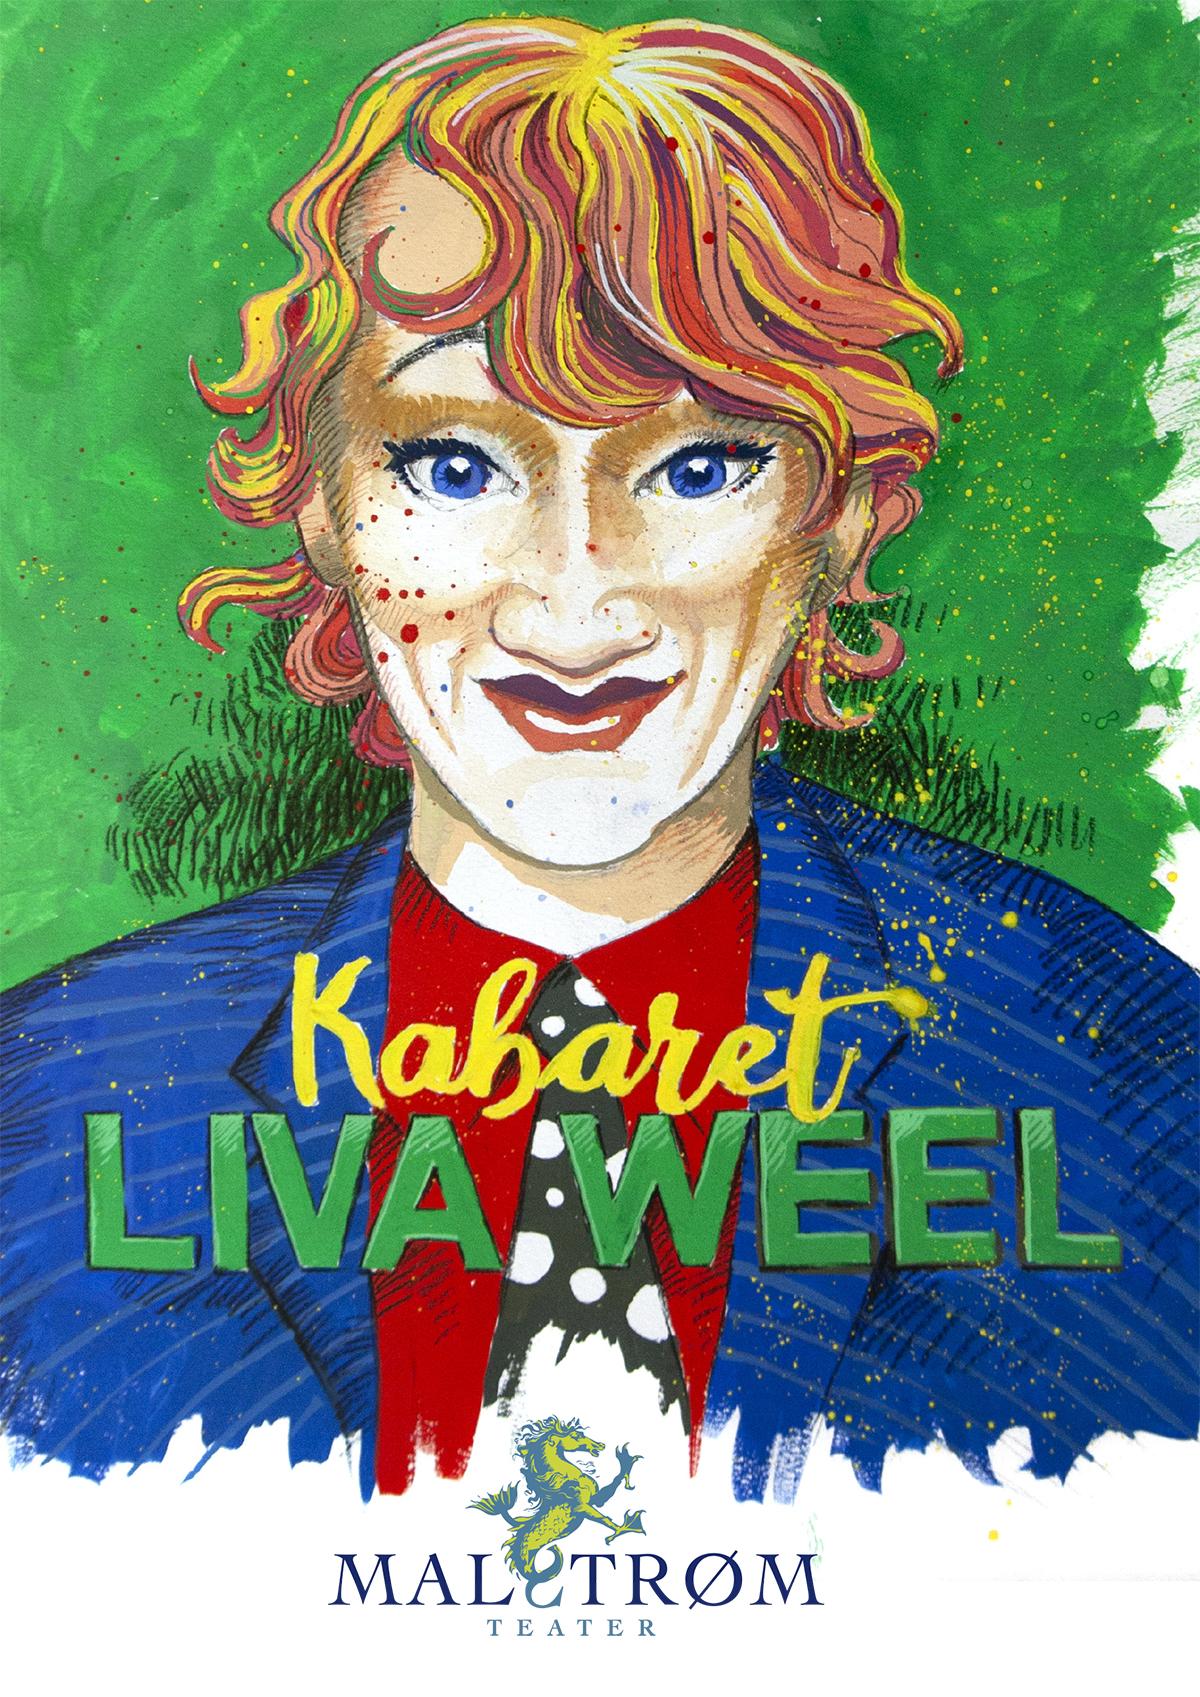 Anmeldelse: Kabaret Liva Weel og de andre, Teater Malstrøm